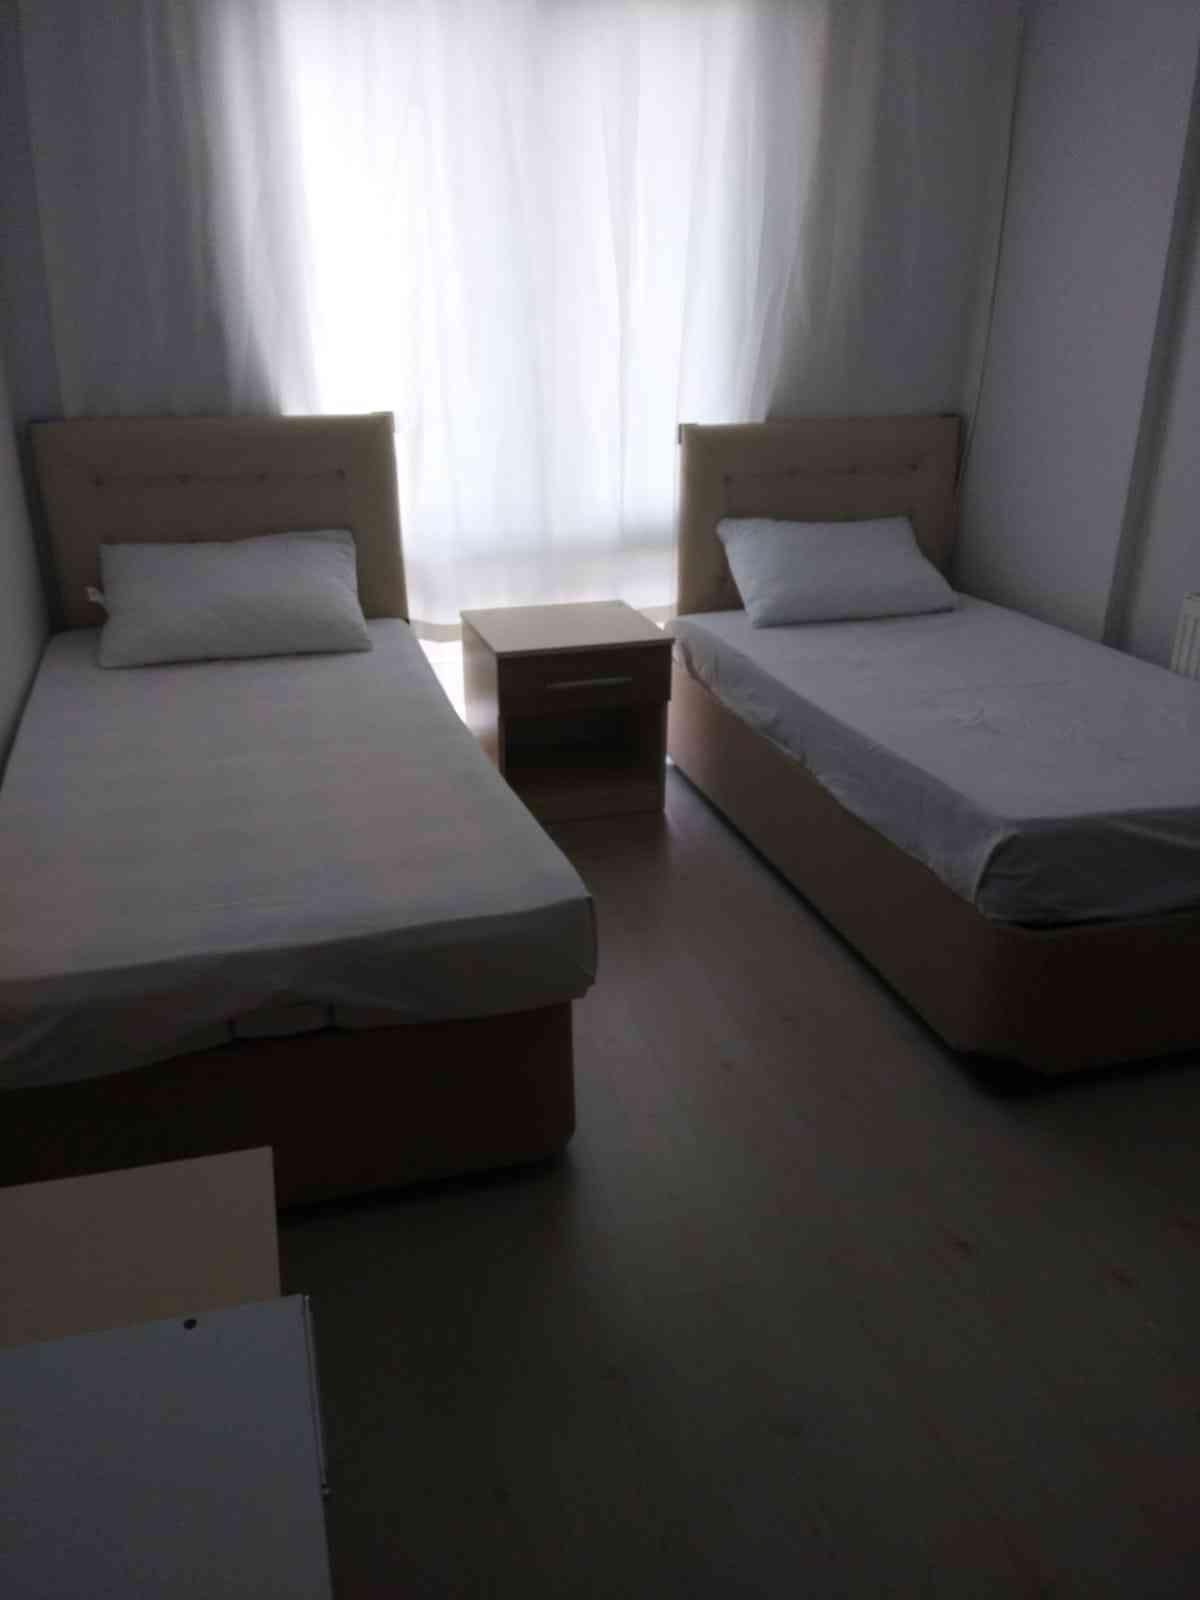 ELEKTRİK-SU-AİDAT BİZDEN 1+1 2 Yataklı 2+1 4 Yataklı Eşyalı Daireler